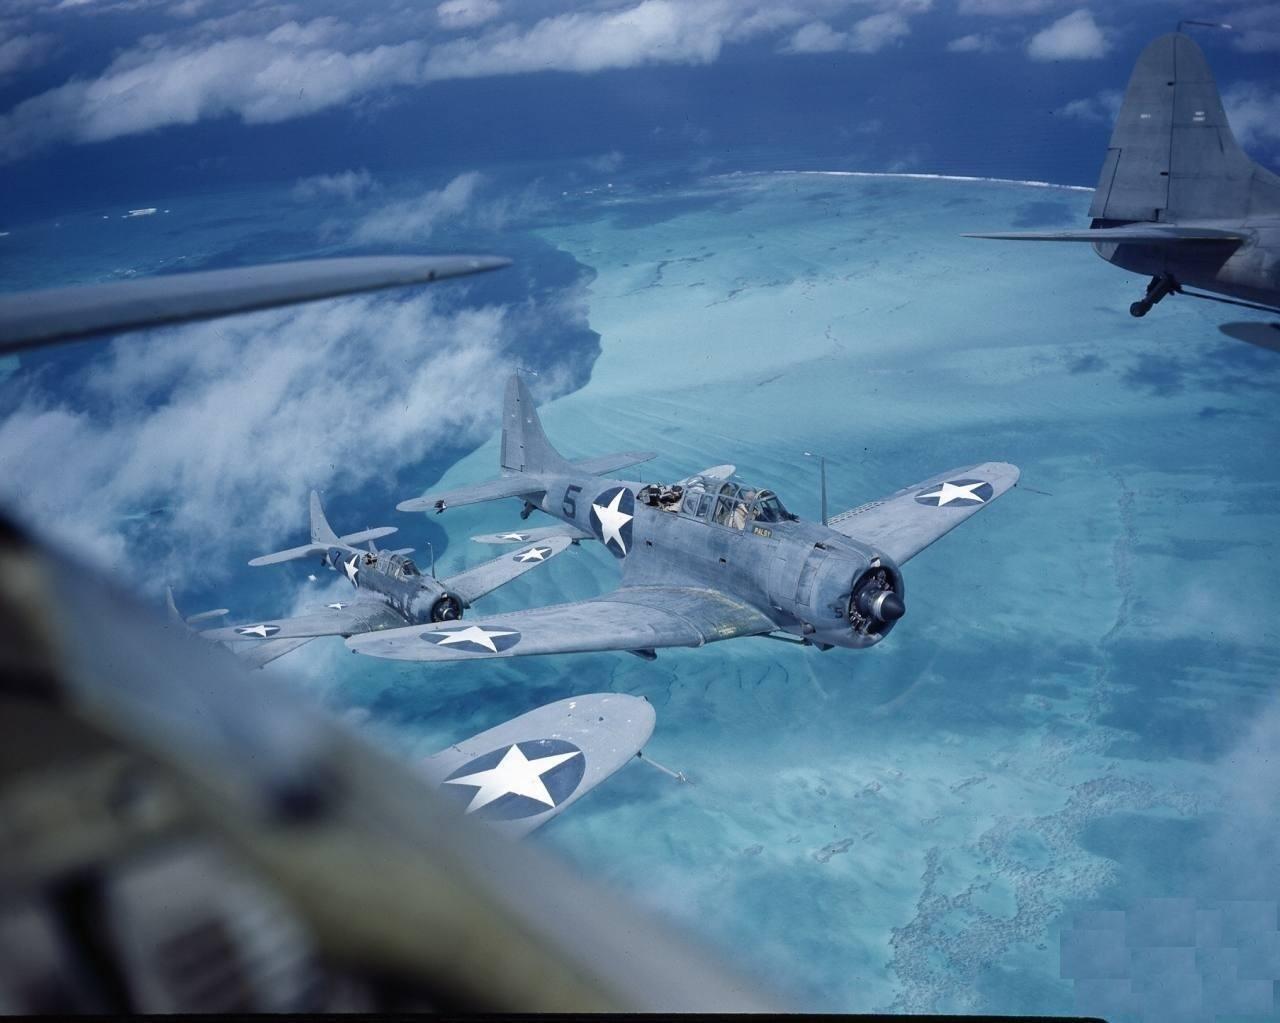 Masaüstü Boyama Araç Resim Uçak Askeri Uçak Lockheed Martin